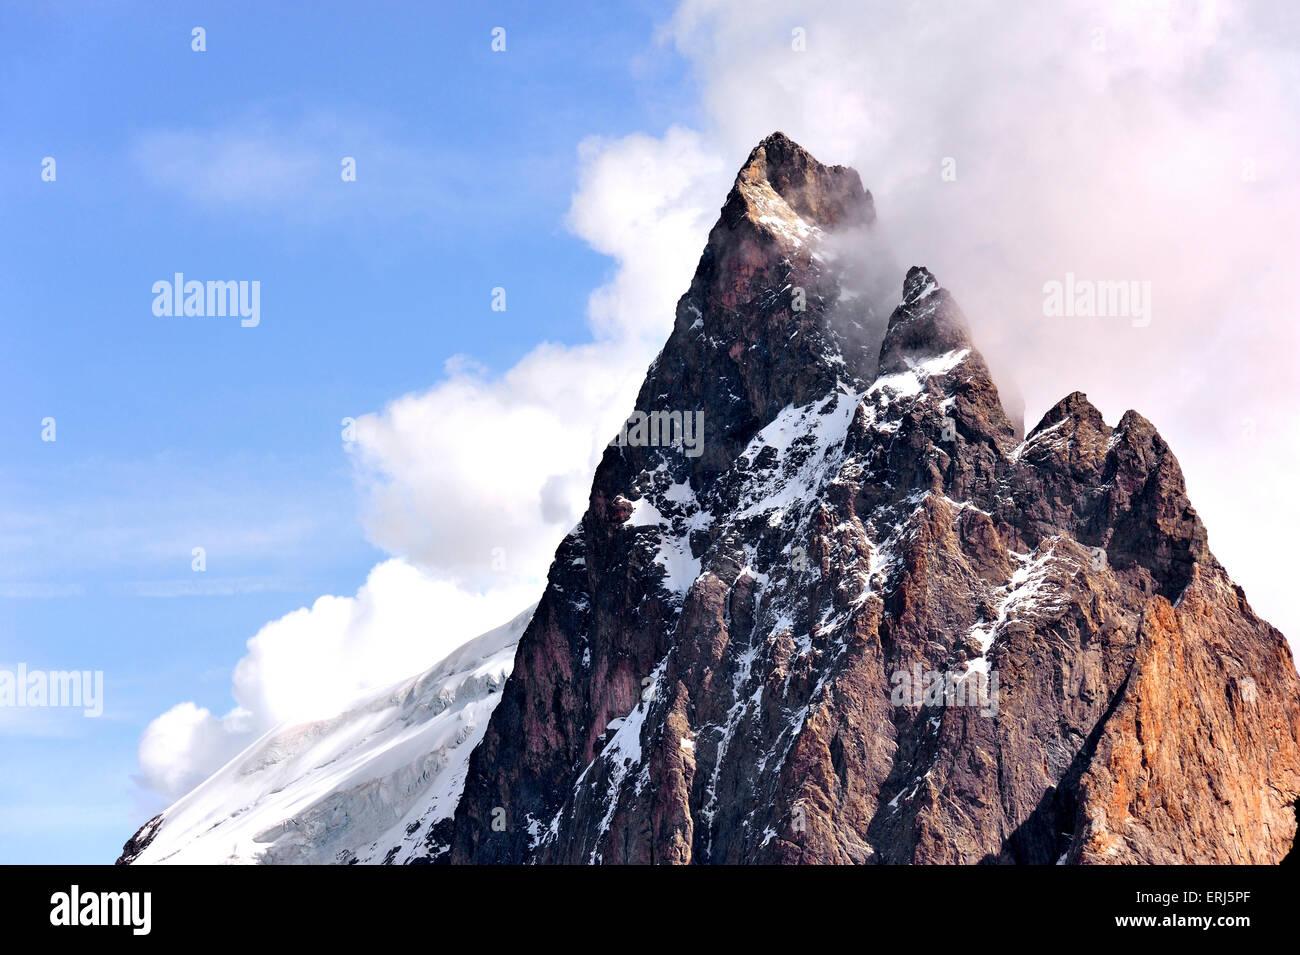 Gipfel des Berges La Meije; La Grave; Écrins, Französische Alpen, Frankreich Stockbild